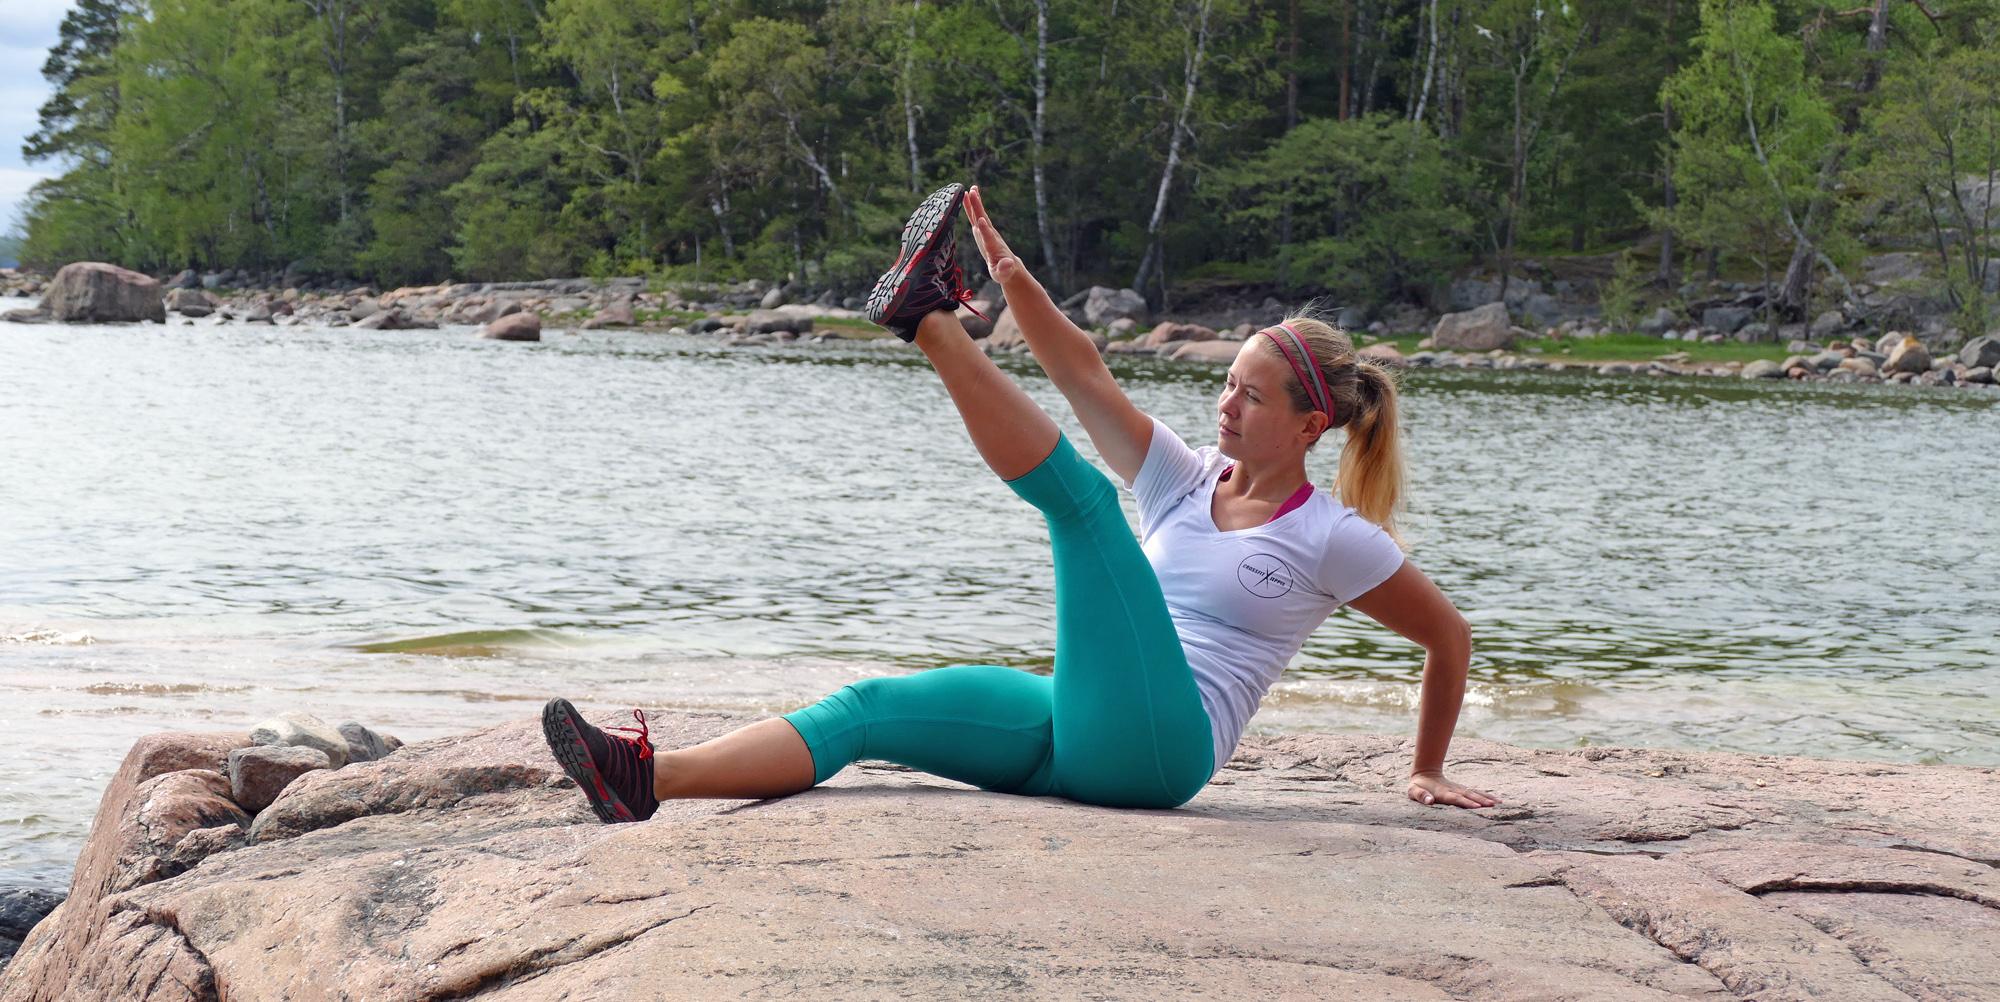 Träning VS motion - när gränserna mellan begreppen suddas ut